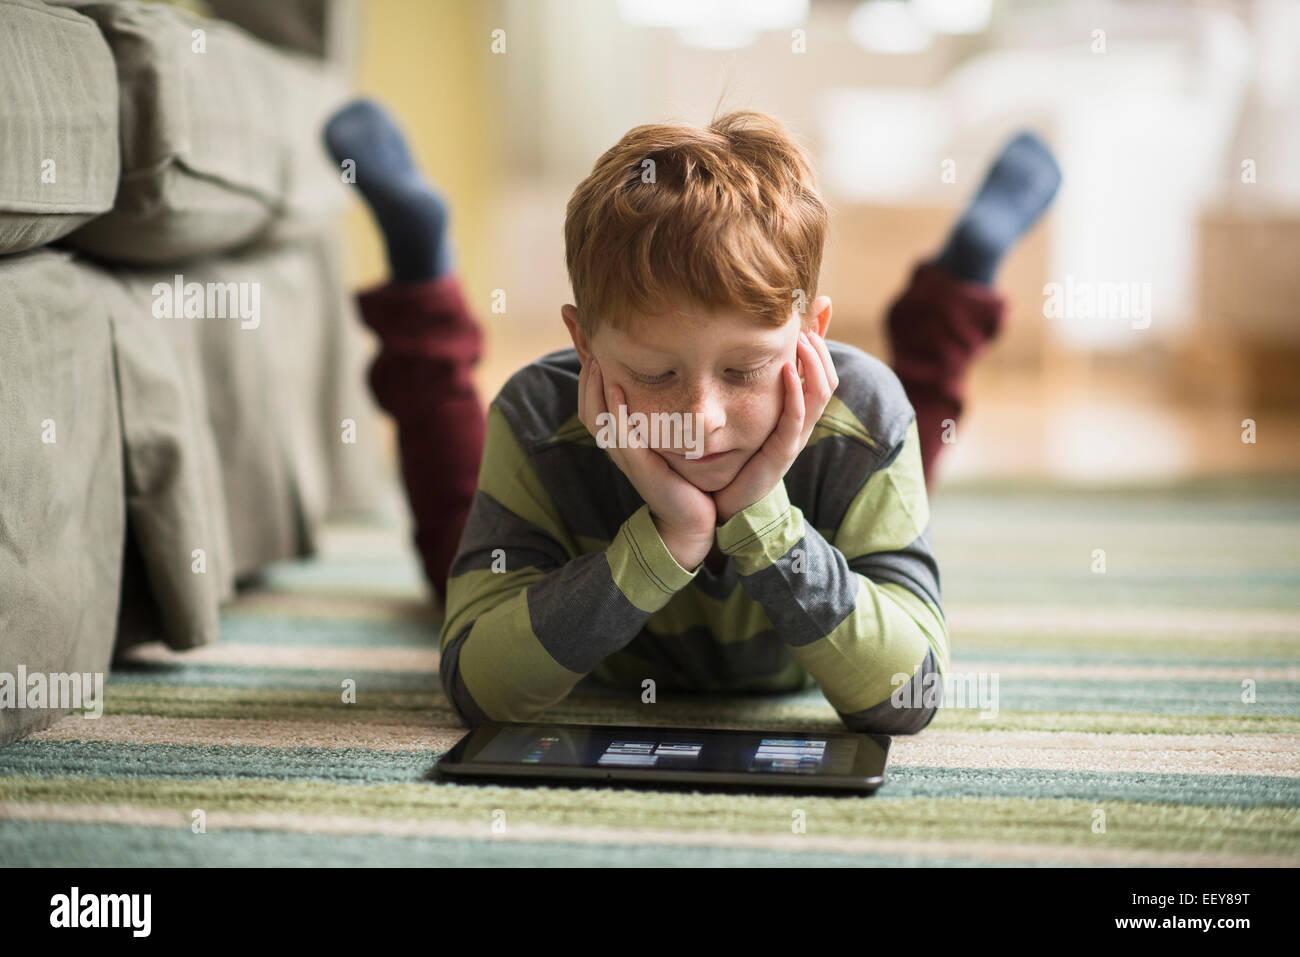 Junge (6-7) auf Teppich liegend und mit TabletPC Stockfoto